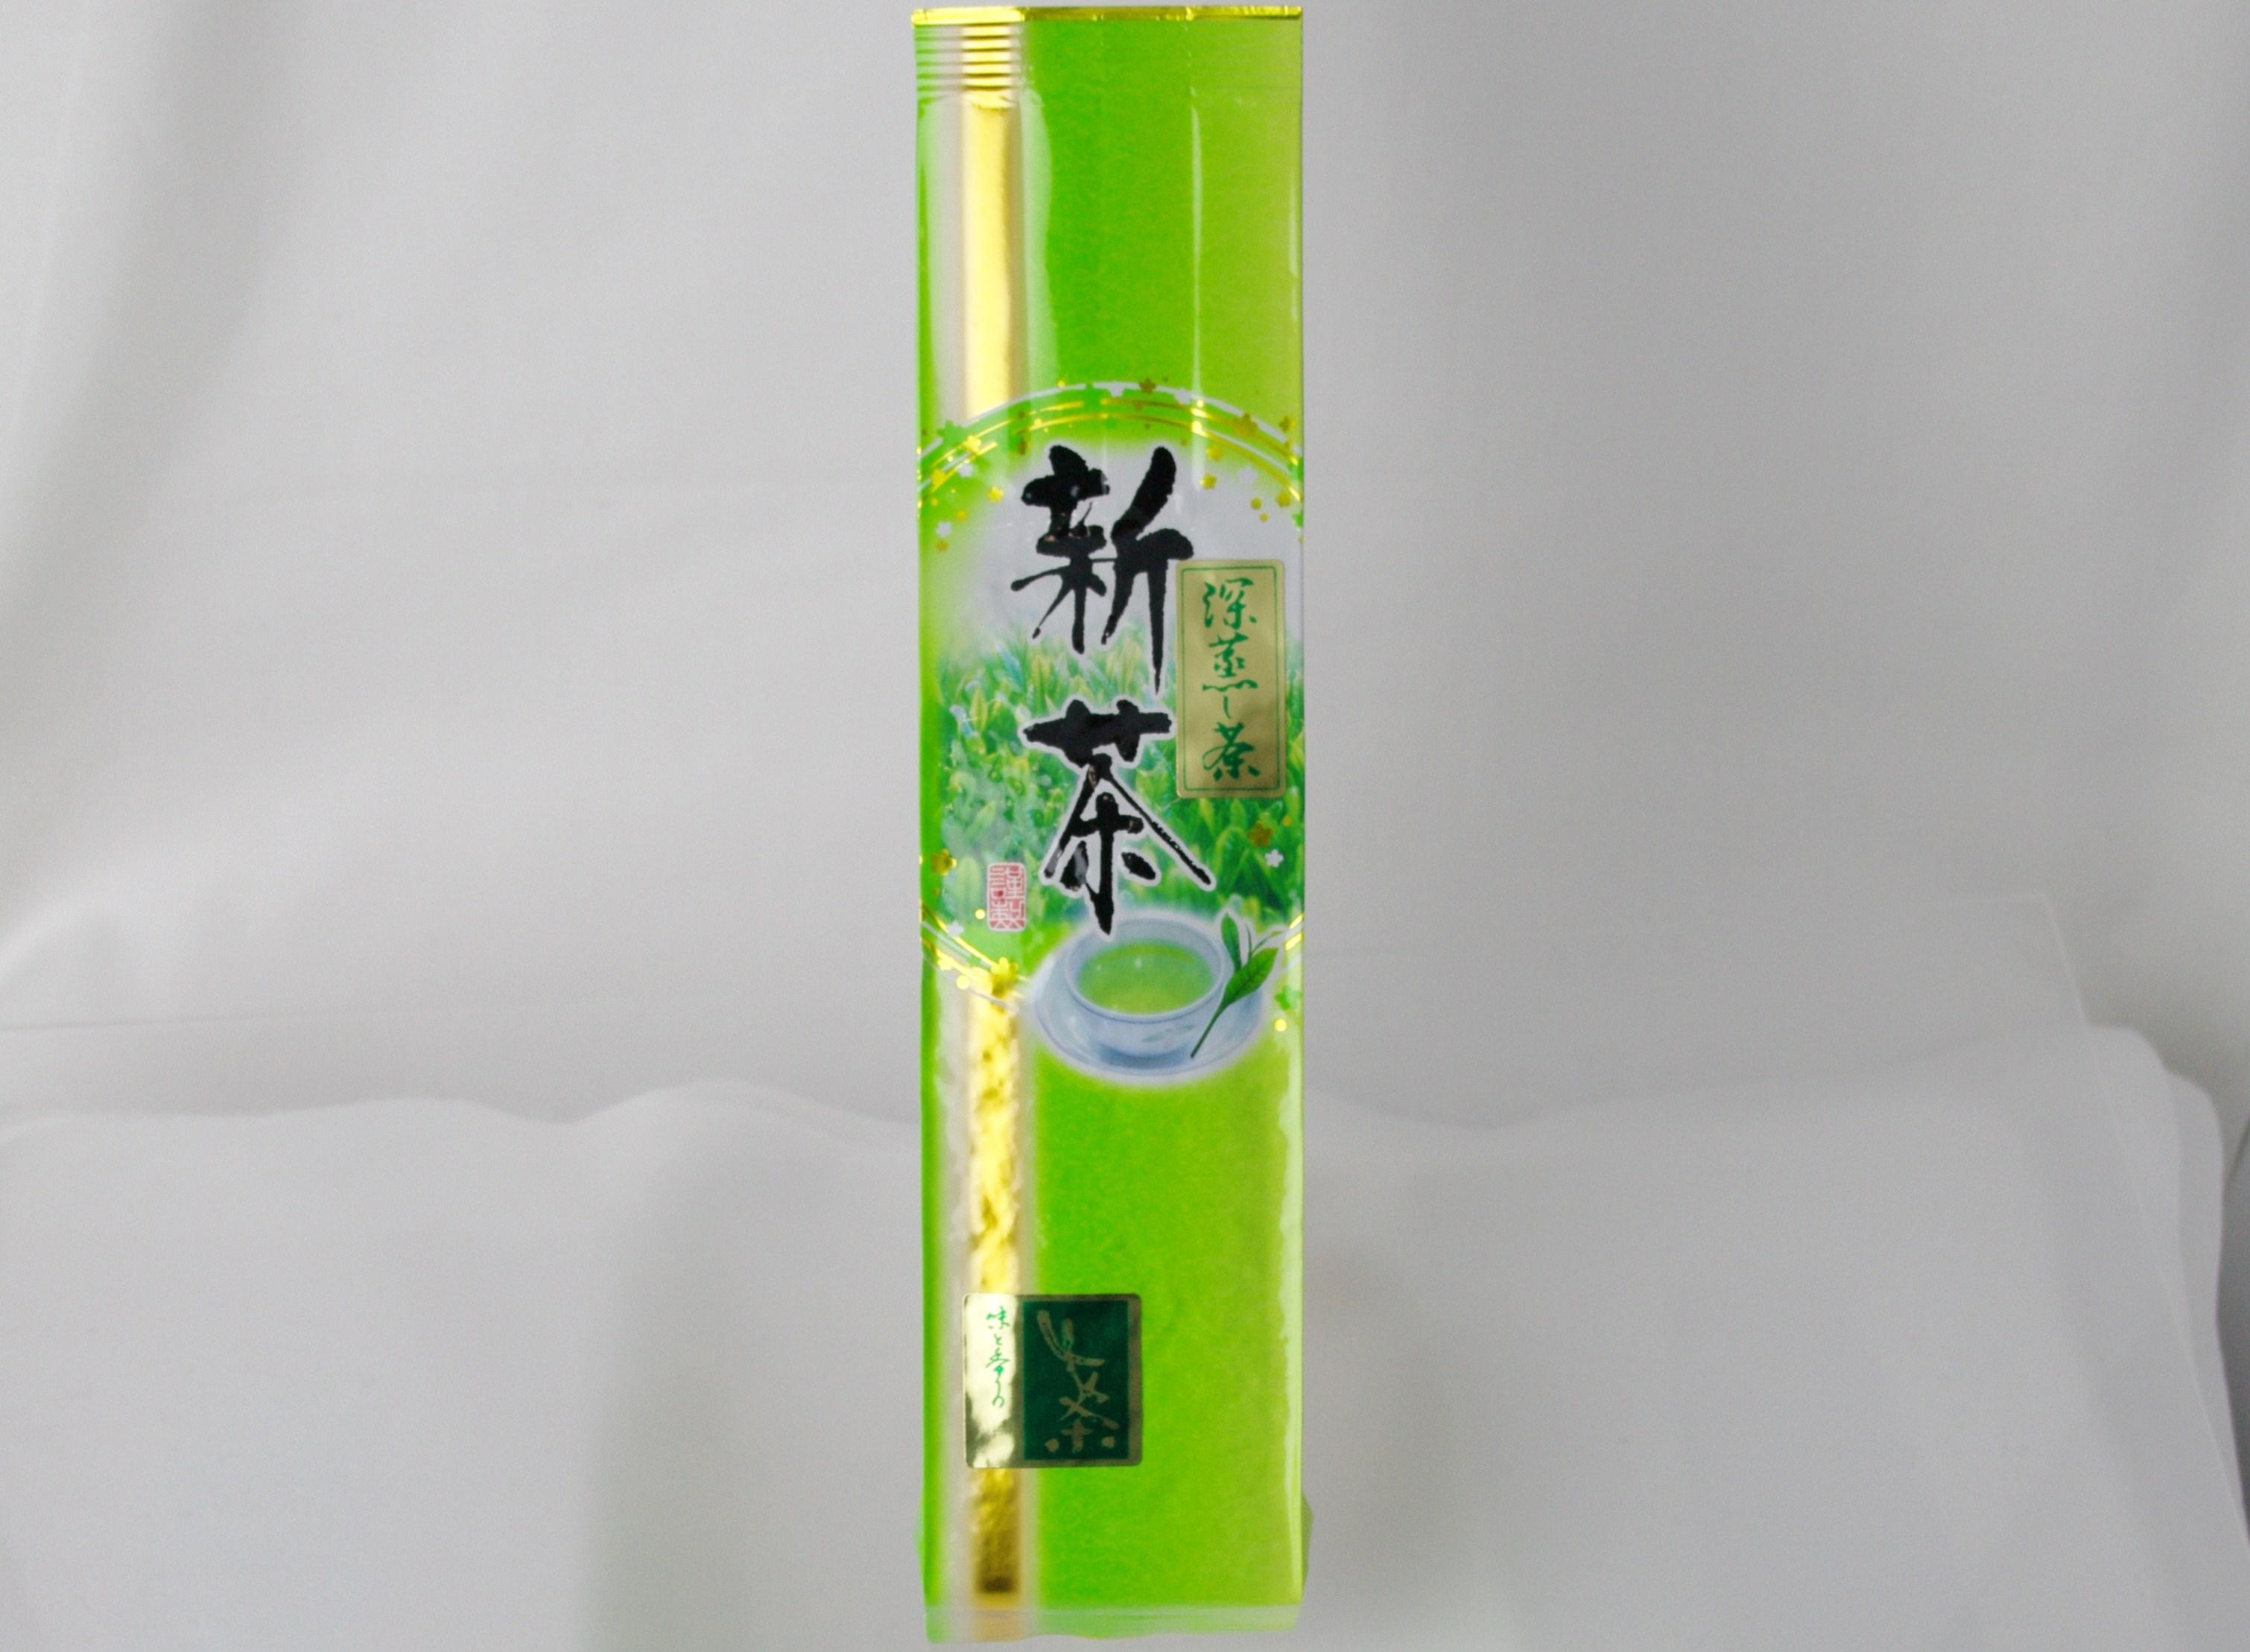 深蒸し茶 200g入 (角緑茶)